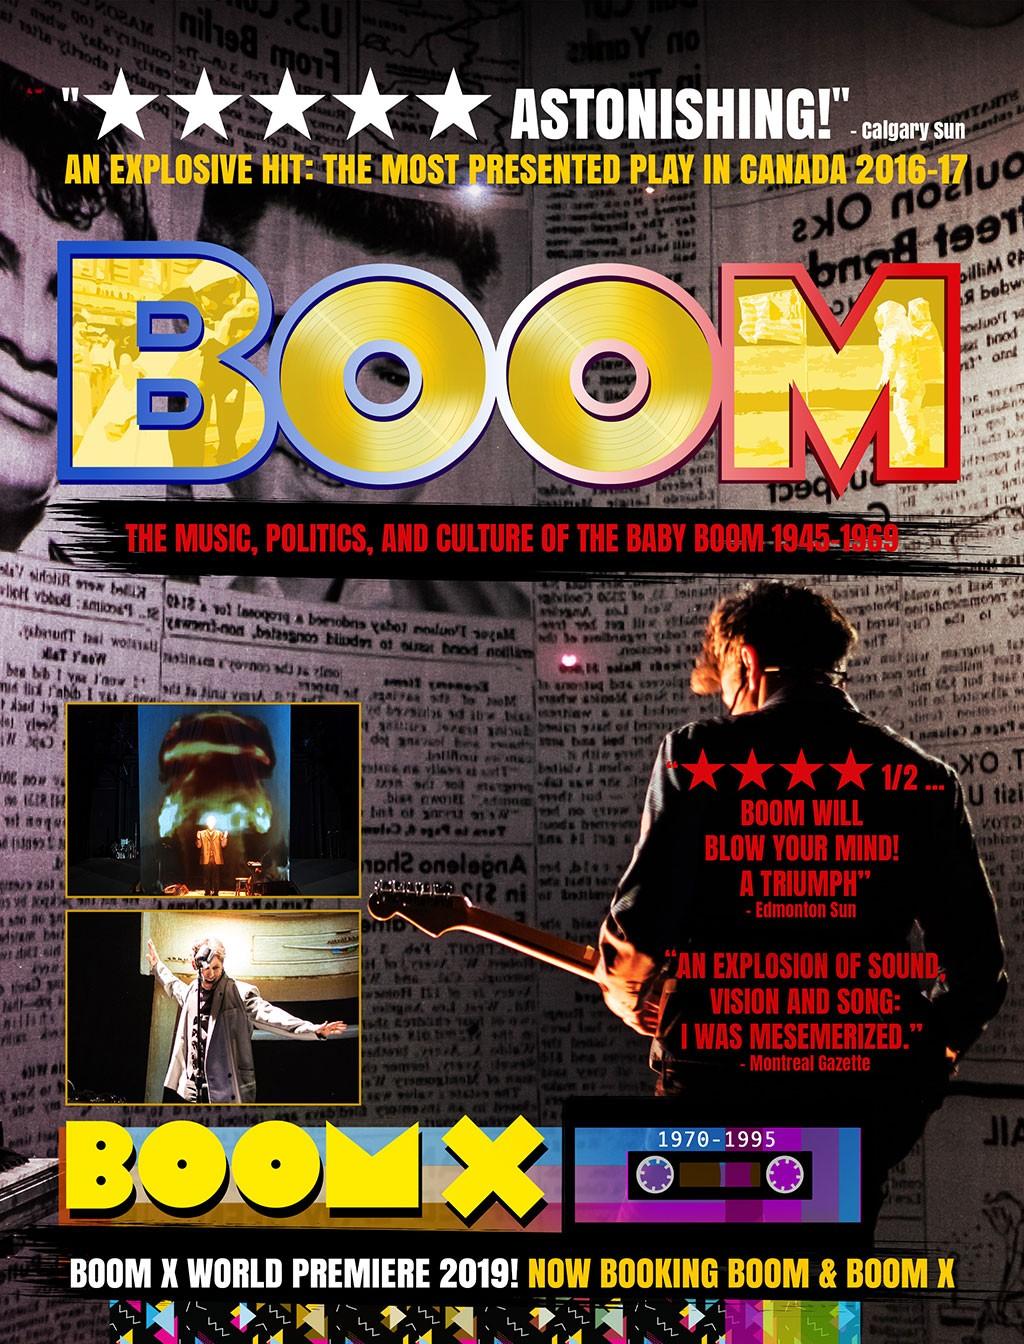 BG_Boom_1sheet-1024.jpg